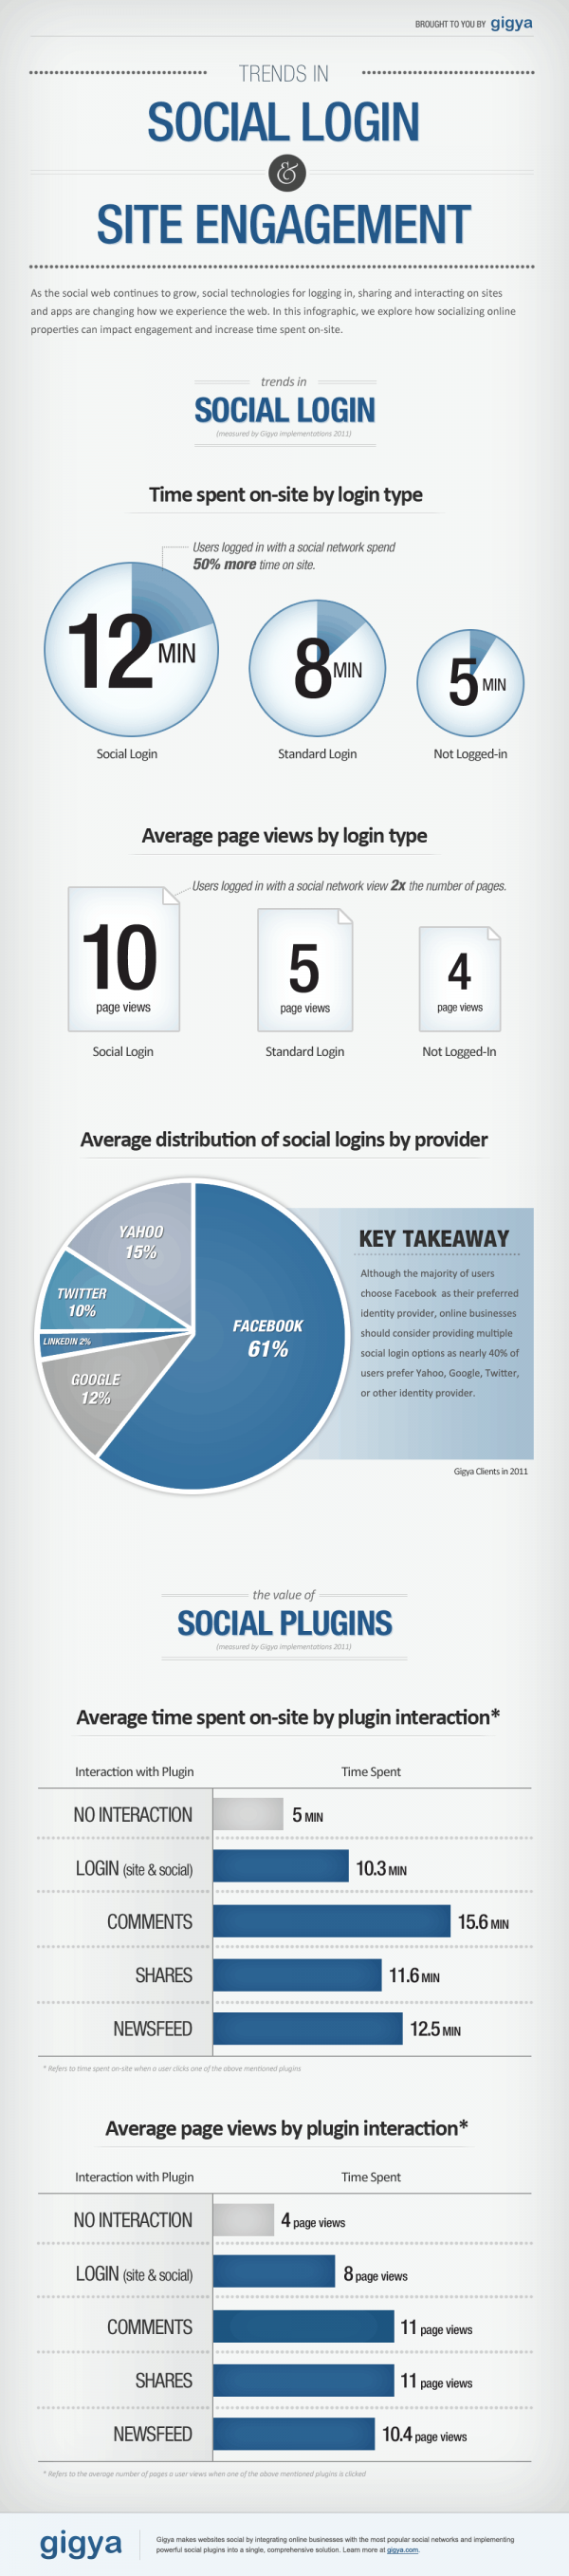 social login and social plugins